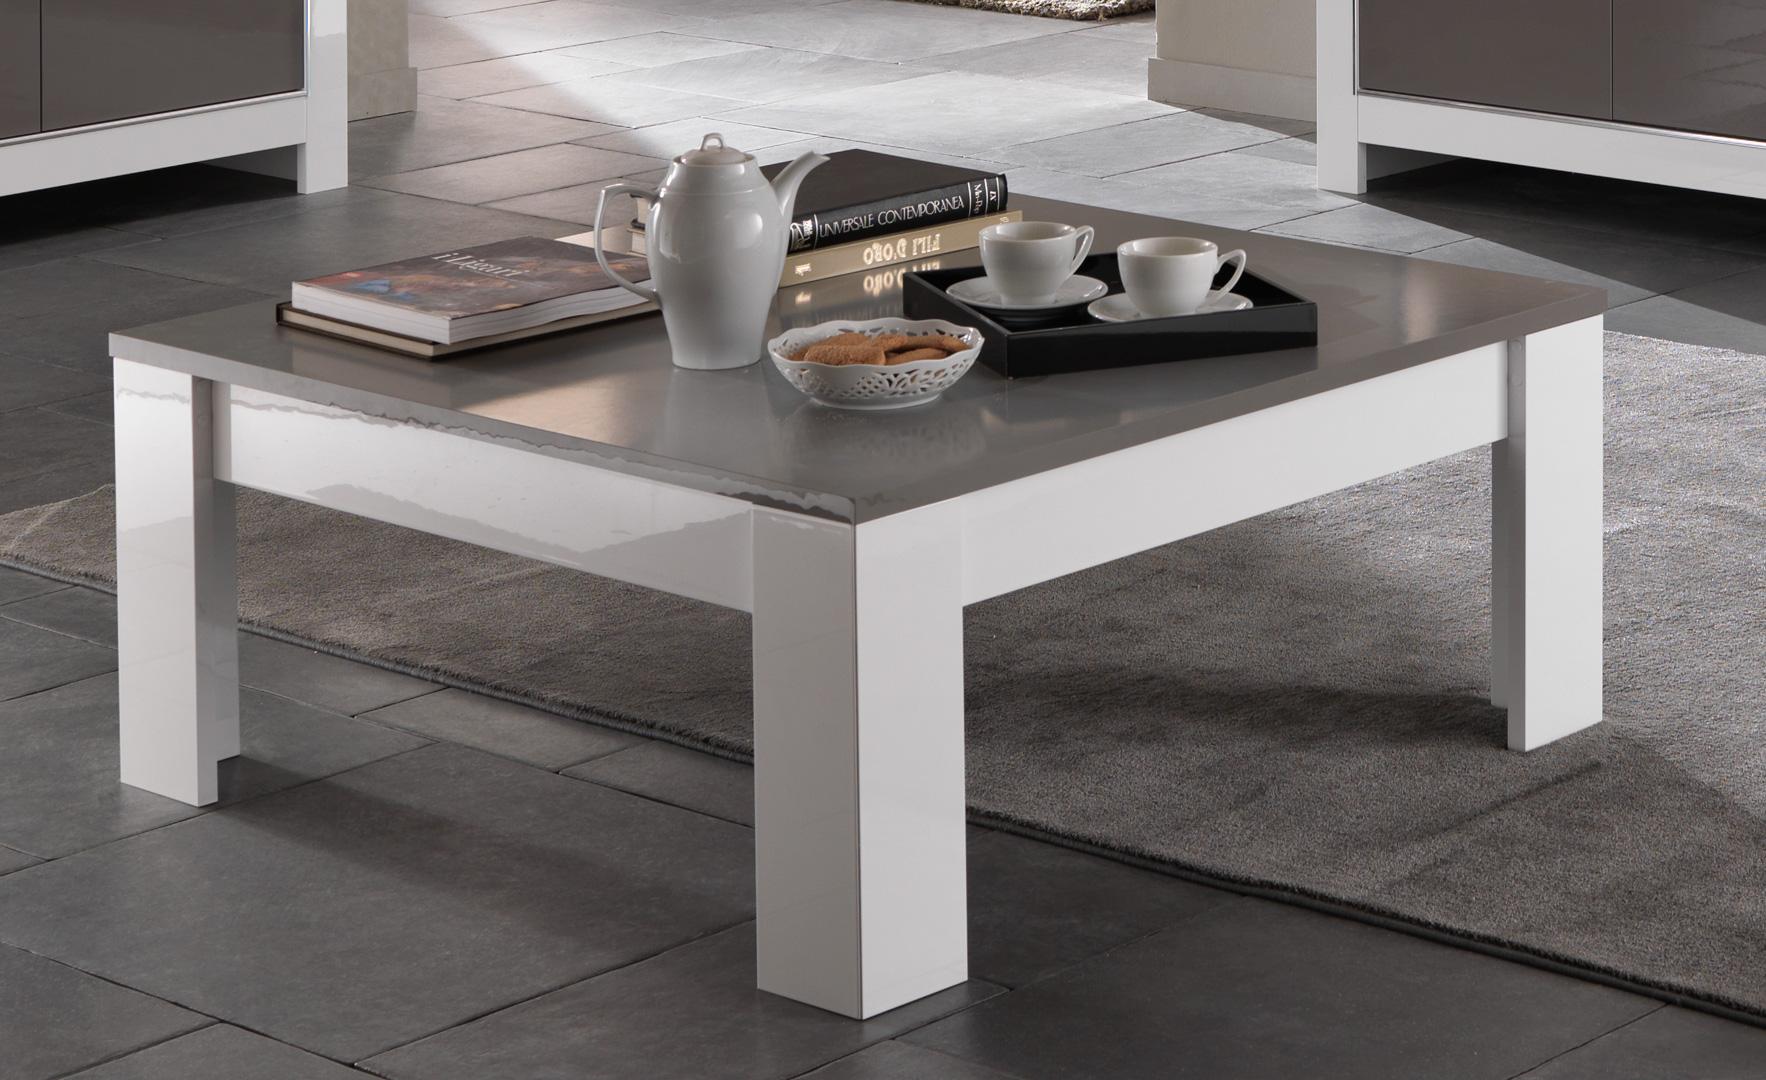 Table basse carrée design laquée blanc/gris Mégane